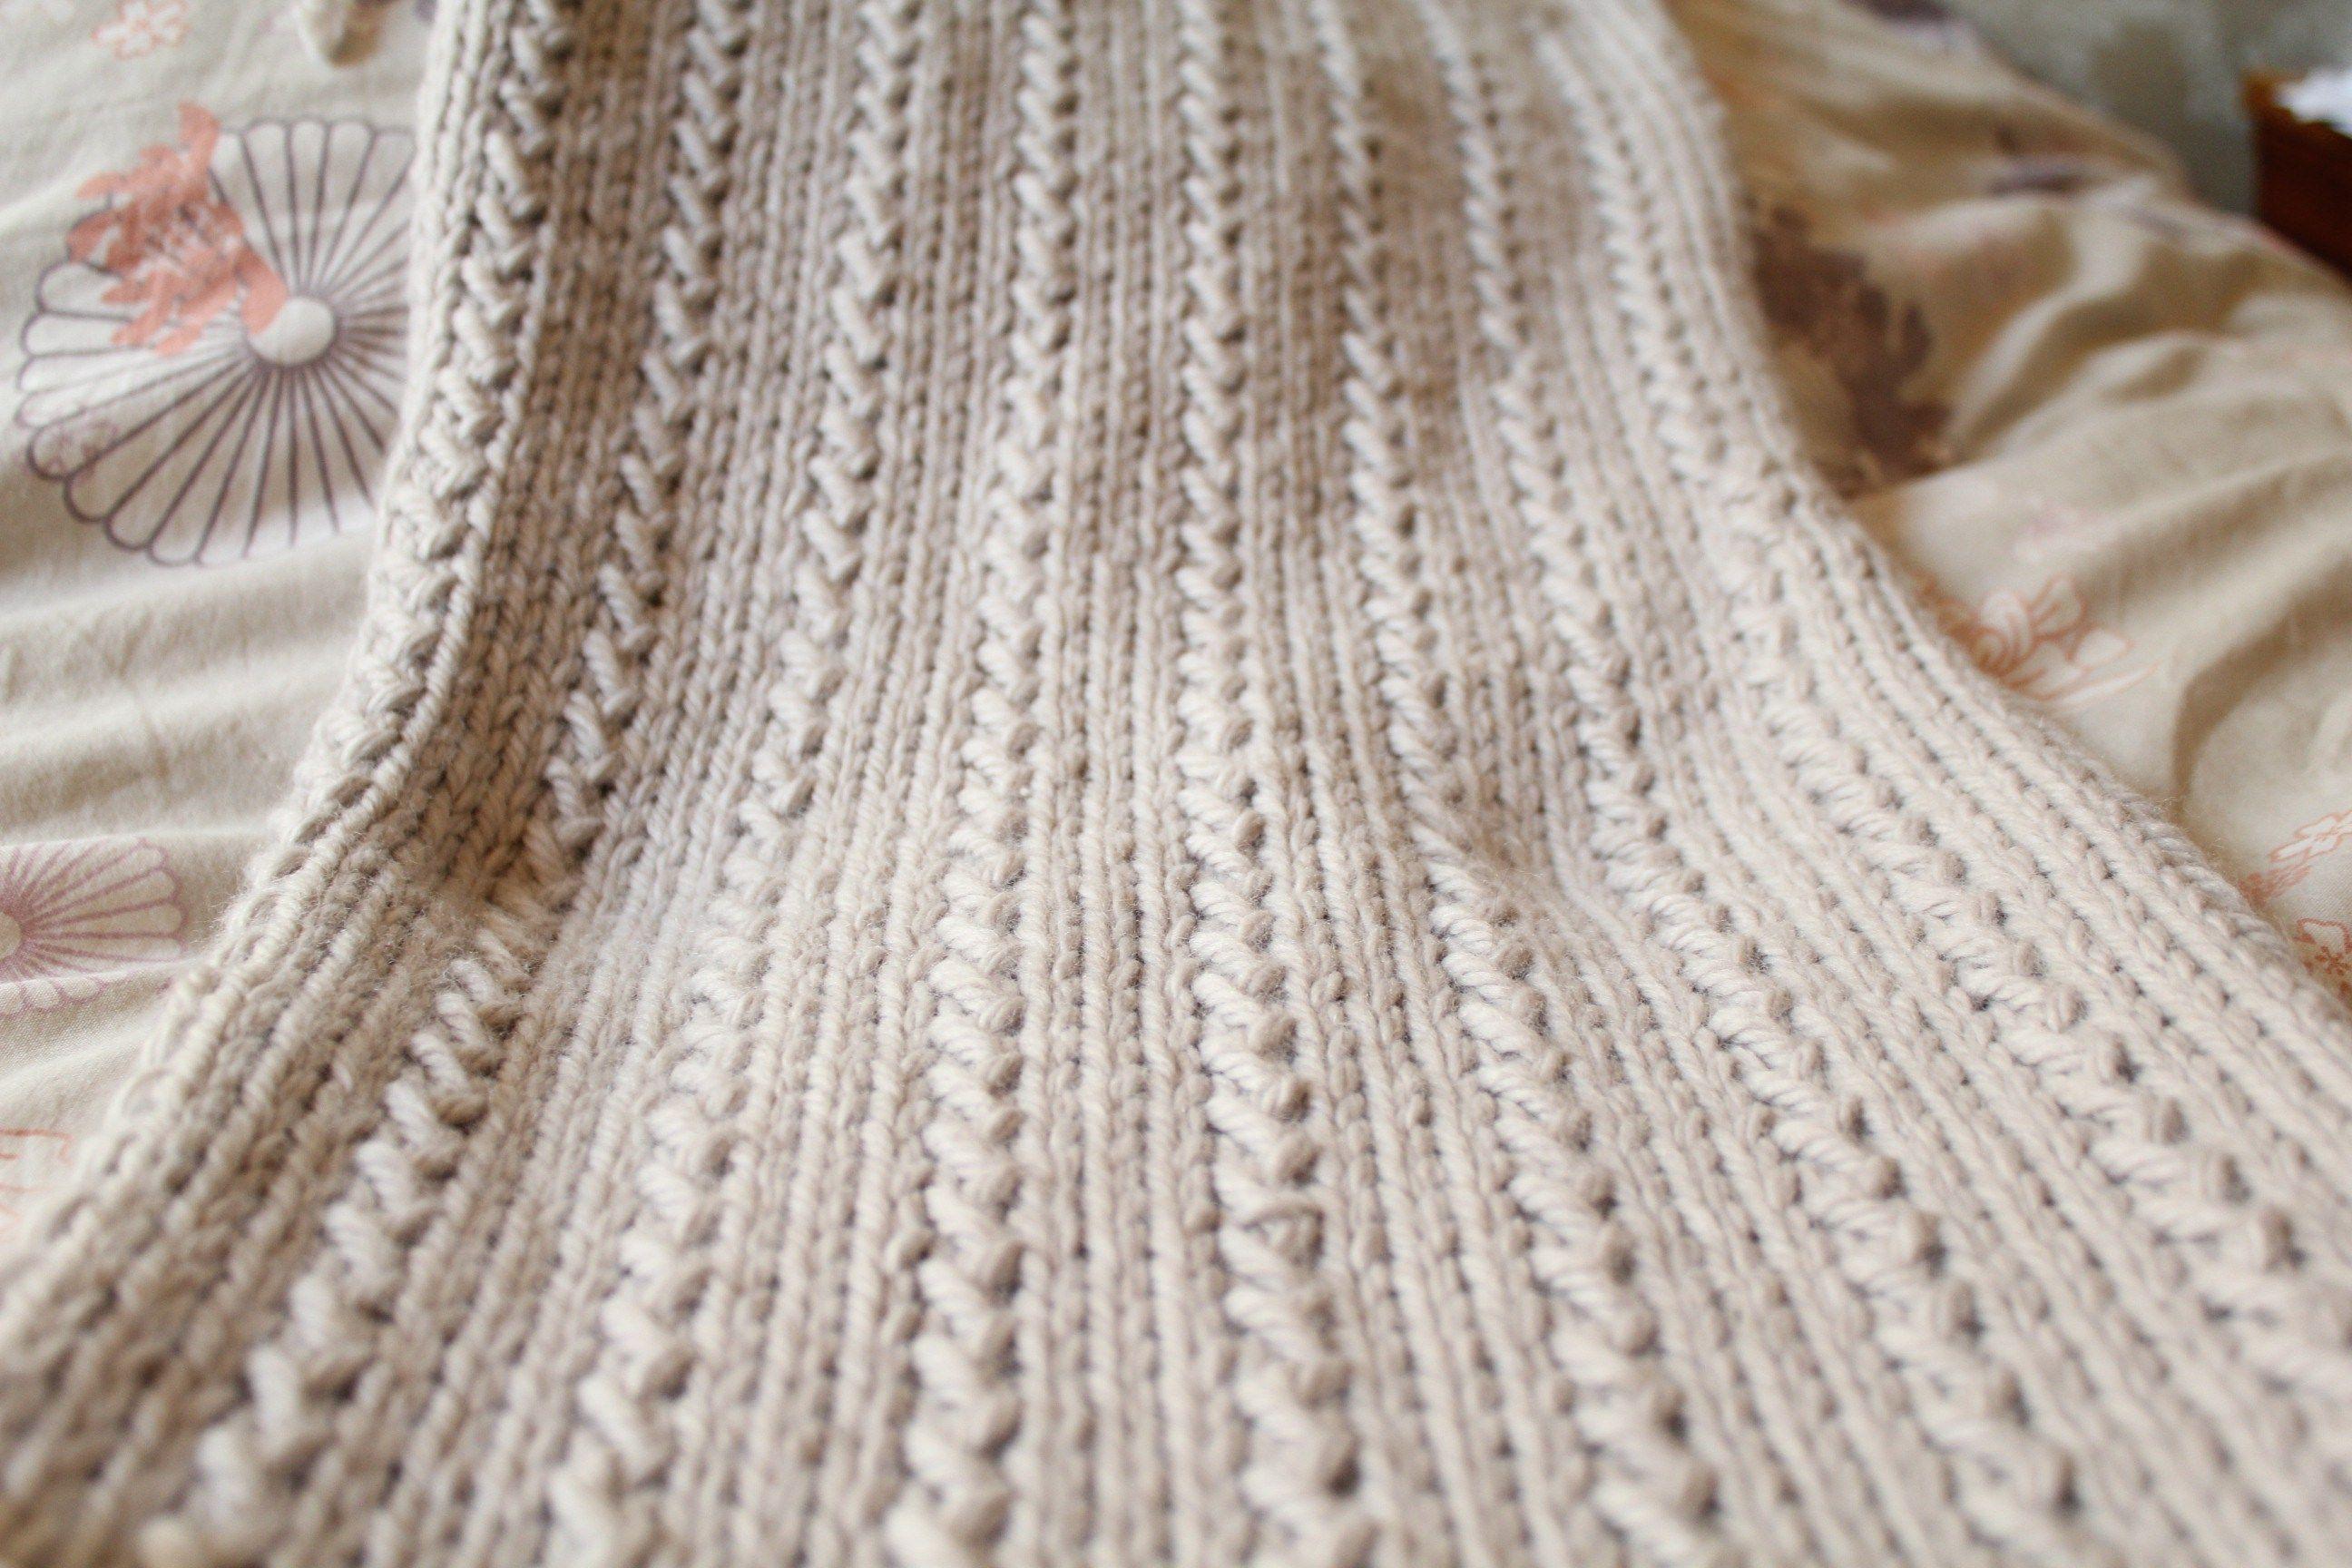 Snood tricot au point fantaisie tricot crochet pinterest le point tricoter et fantaisie - Les points au tricot ...